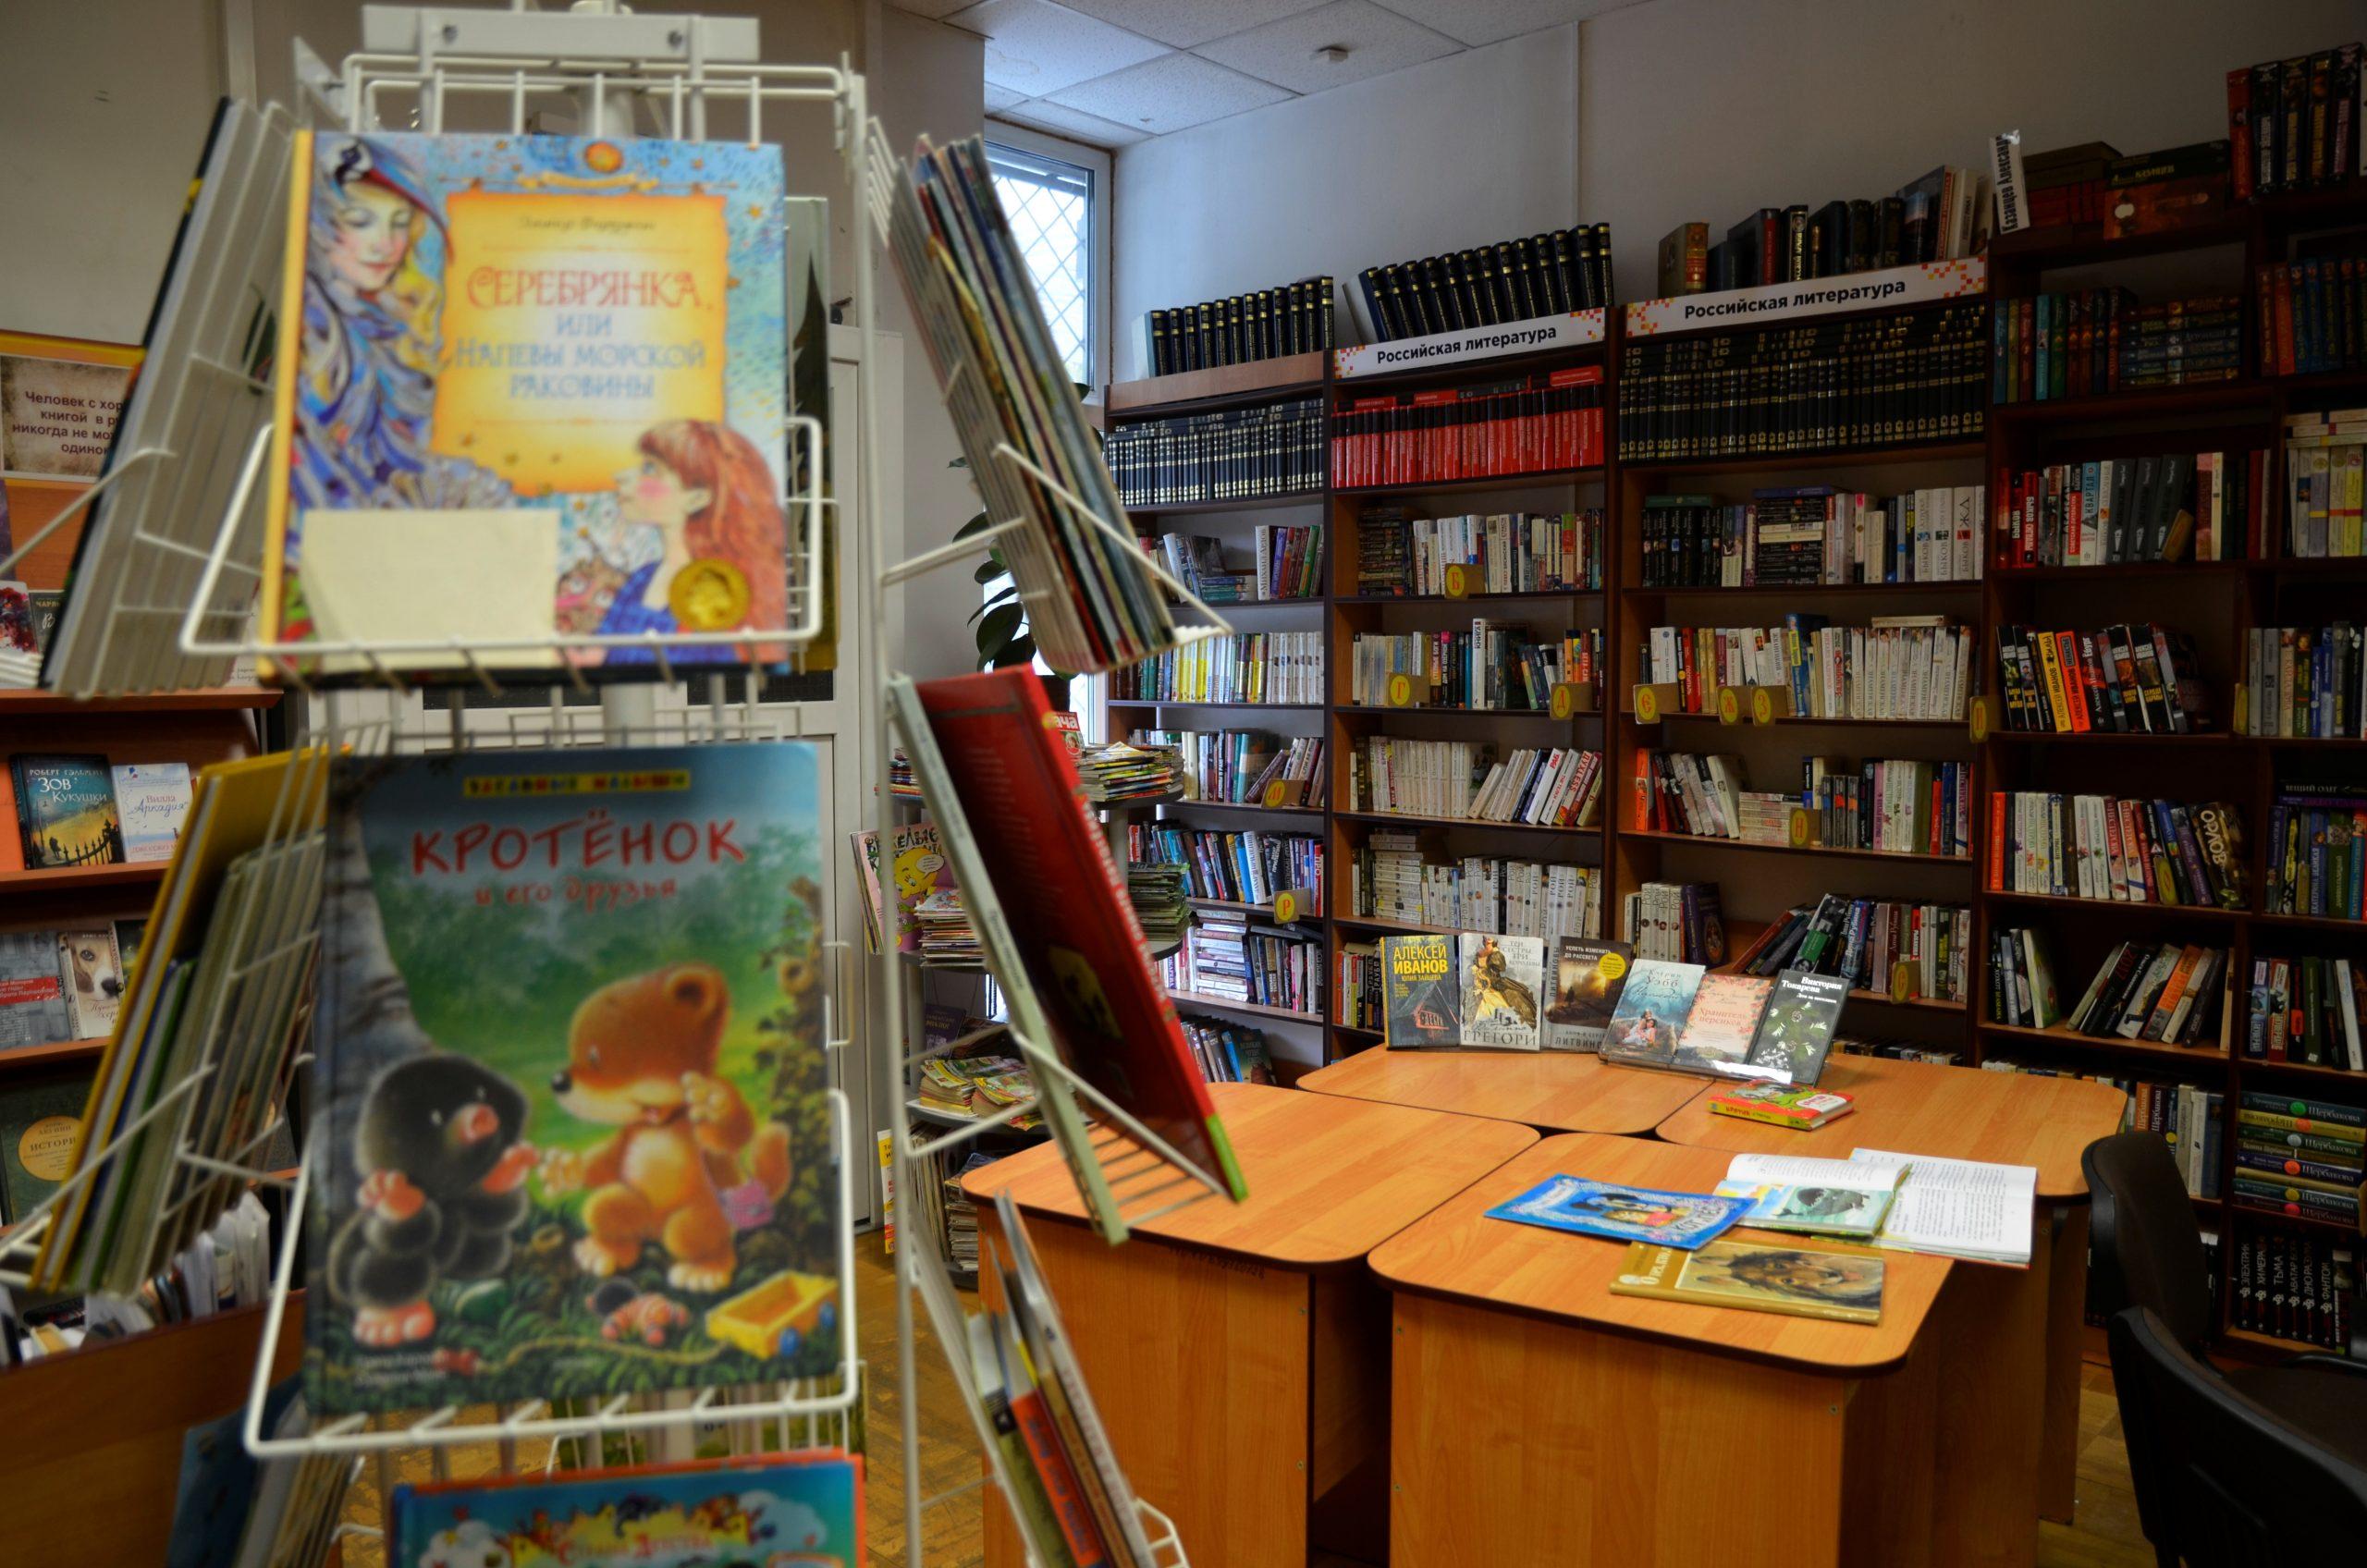 Литературное путешествие организуют представители библиотеки №262 в Филимонковском